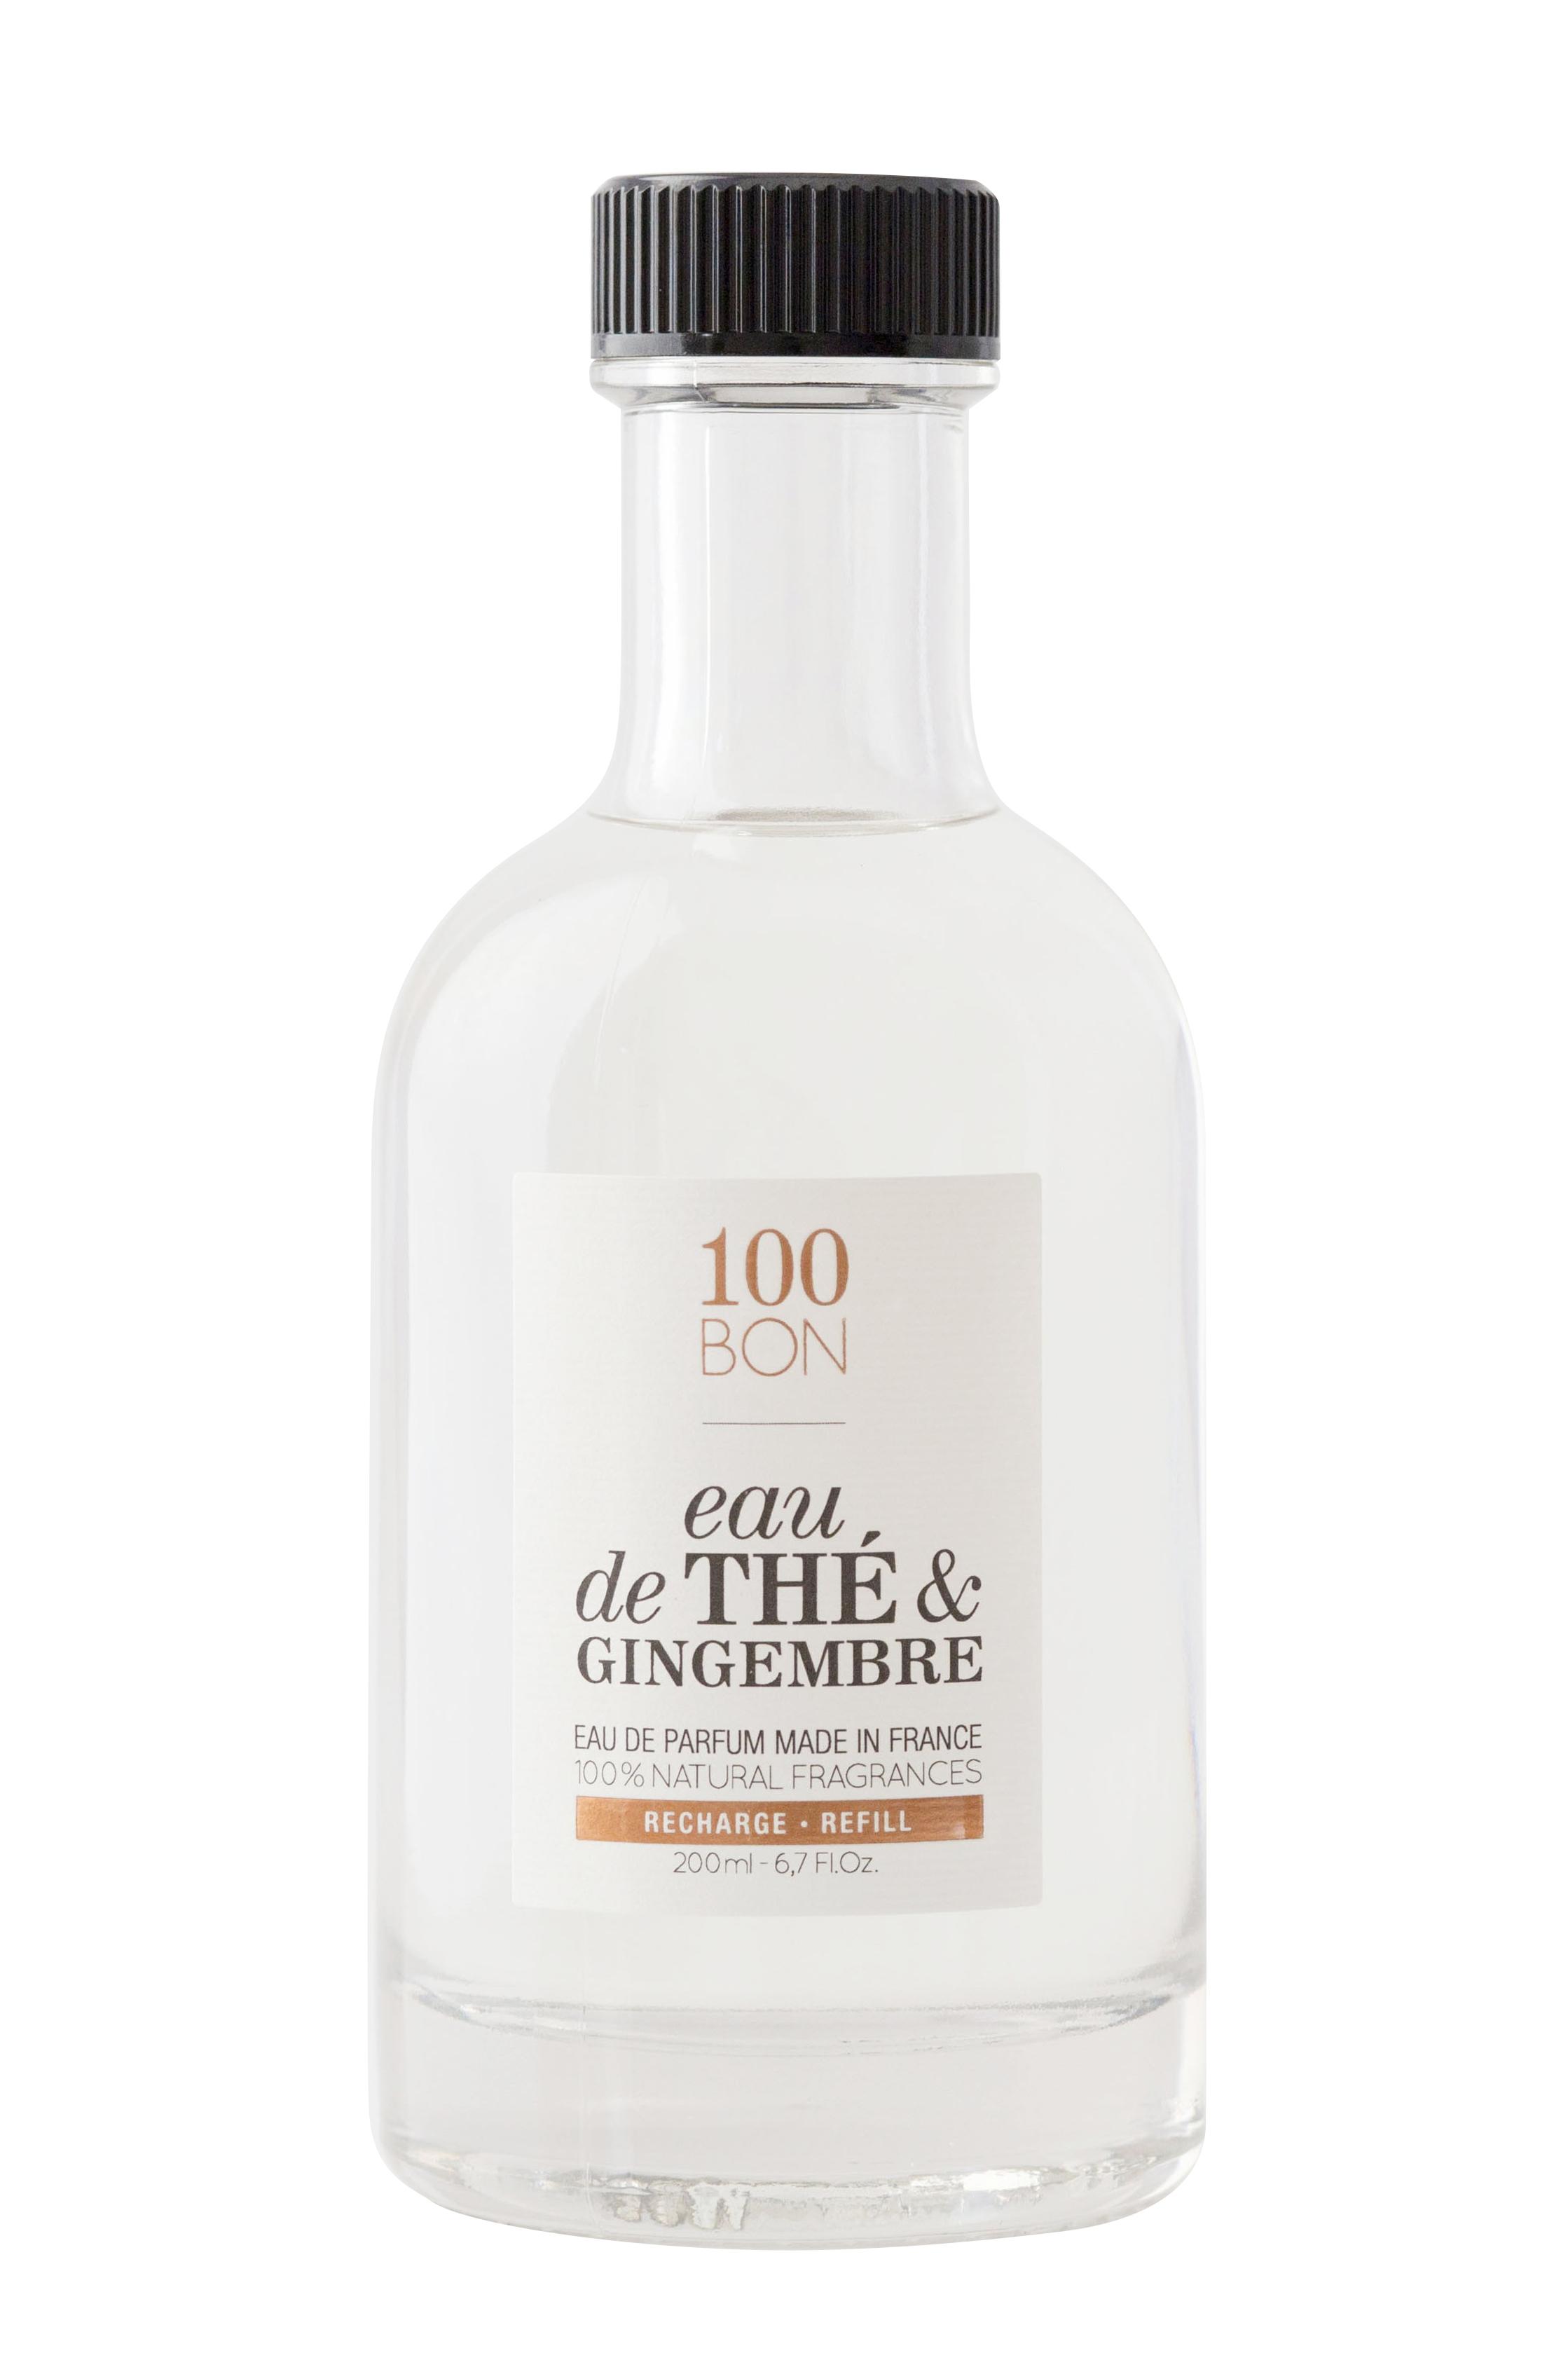 Eau De Thé & Gingembre Cologne 200 ml 100 Bon KICKS